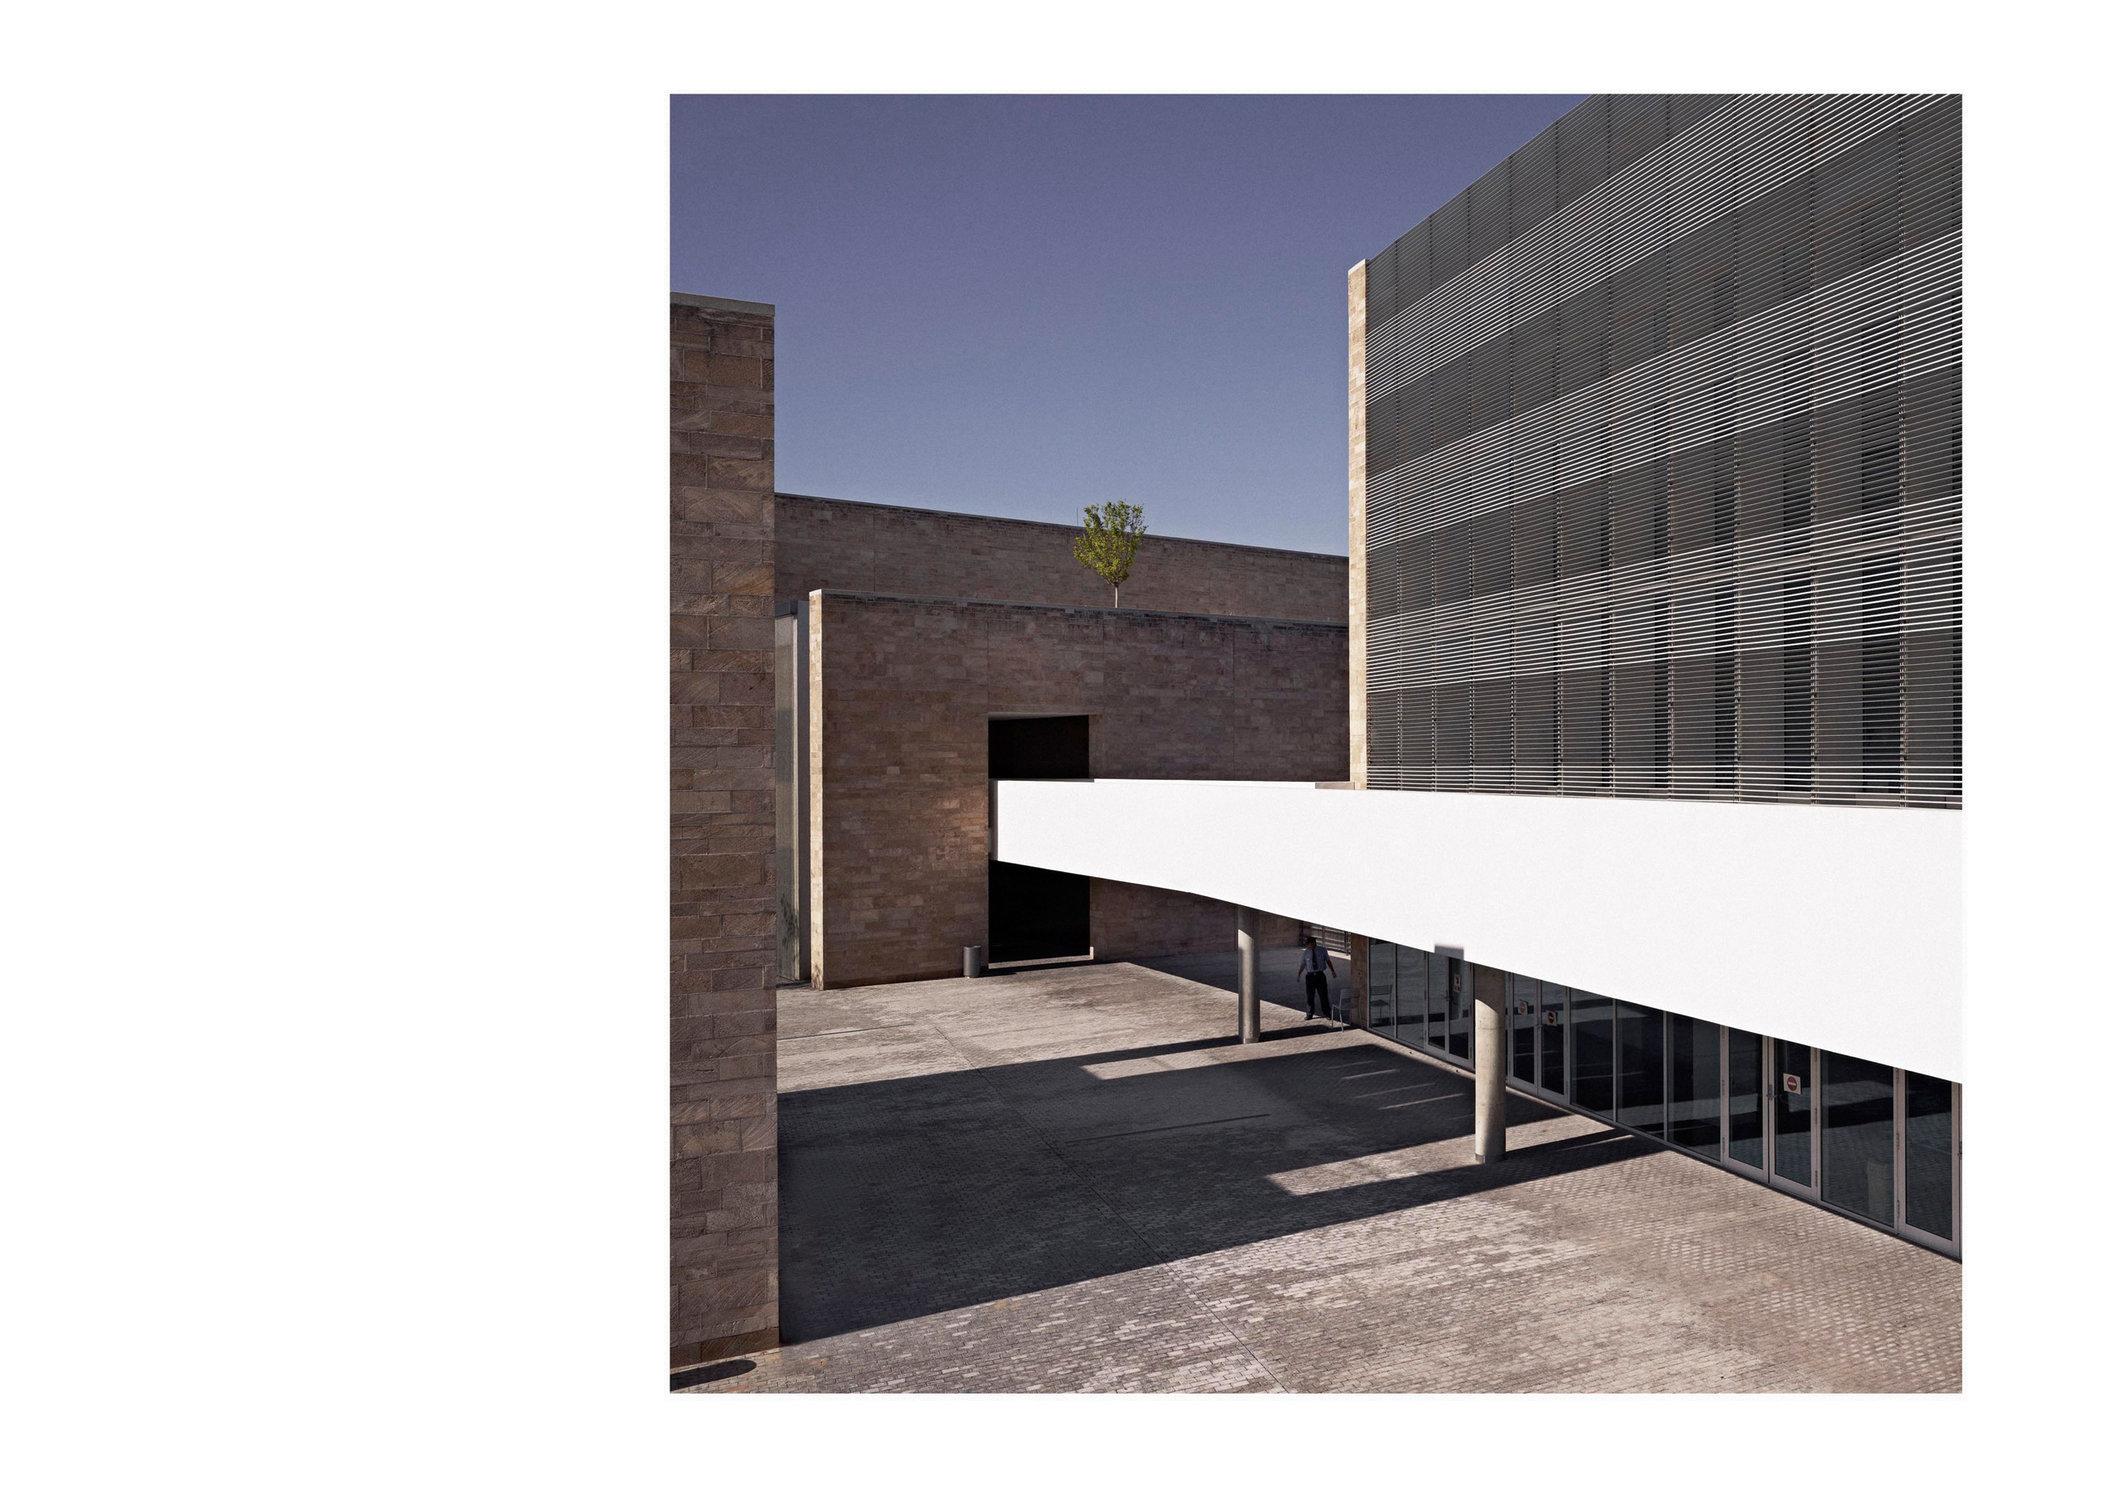 Charles Hostler Student Center 01